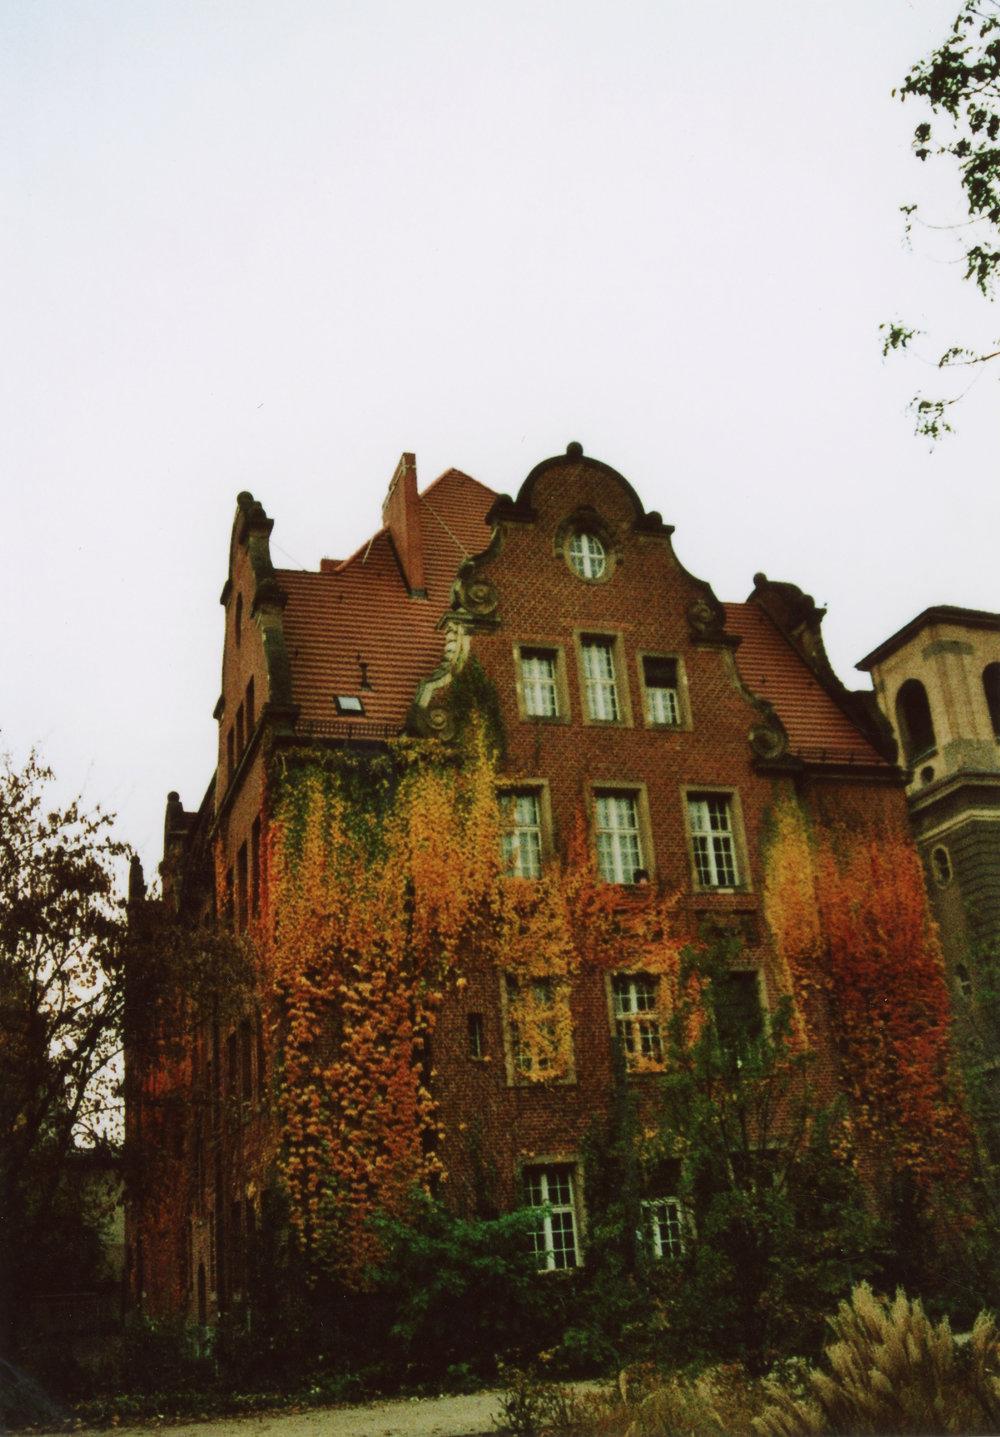 Taken 2011 in Europe